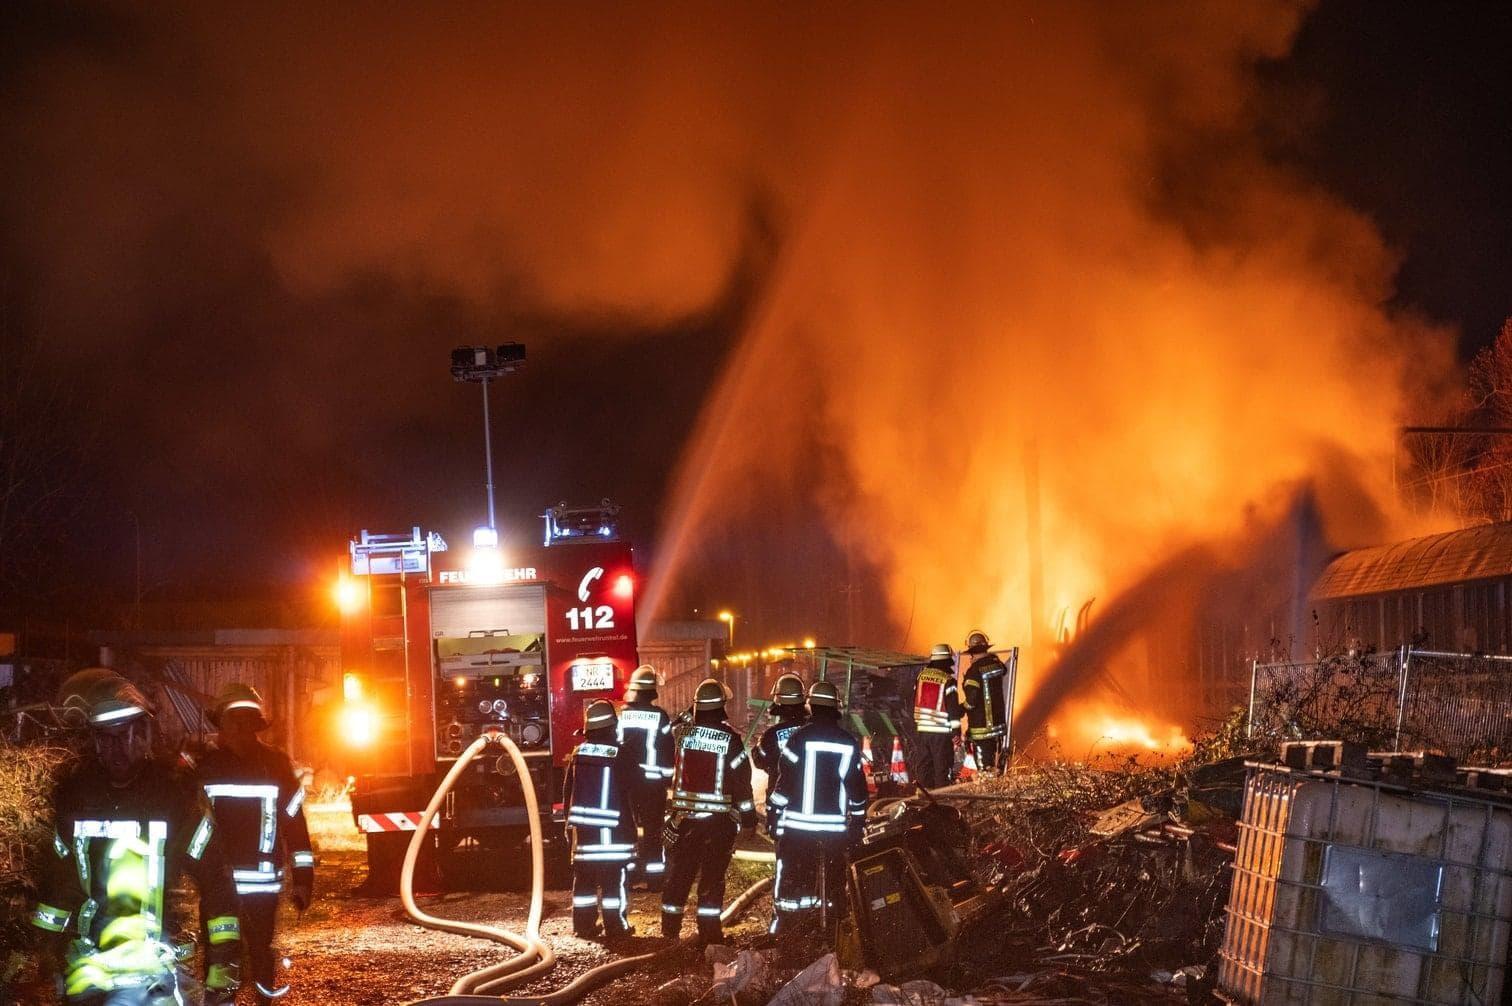 <p>In Unkel am Rhein brennen zwei mit Spraydosen beladene G&uuml;terwaggons. Ein Gro&szlig;aufgebot der Feuerwehr k&auml;mpft gegen die Flammen.</p> Foto: dpa/Frank Homann